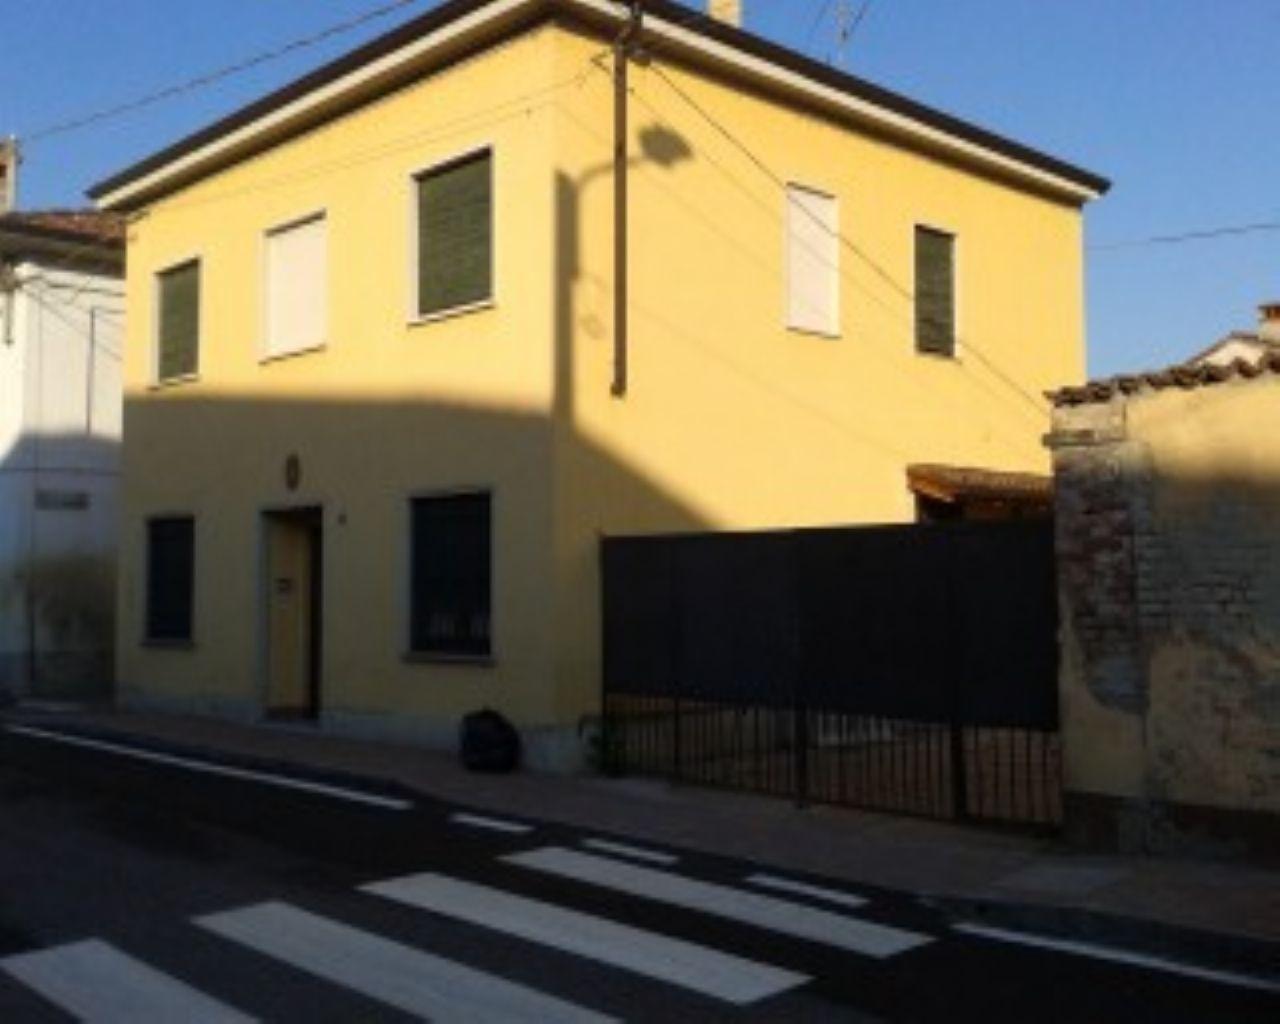 Soluzione Indipendente in vendita a Badia Pavese, 6 locali, zona Località: Badia Pavese, prezzo € 119.000 | Cambio Casa.it